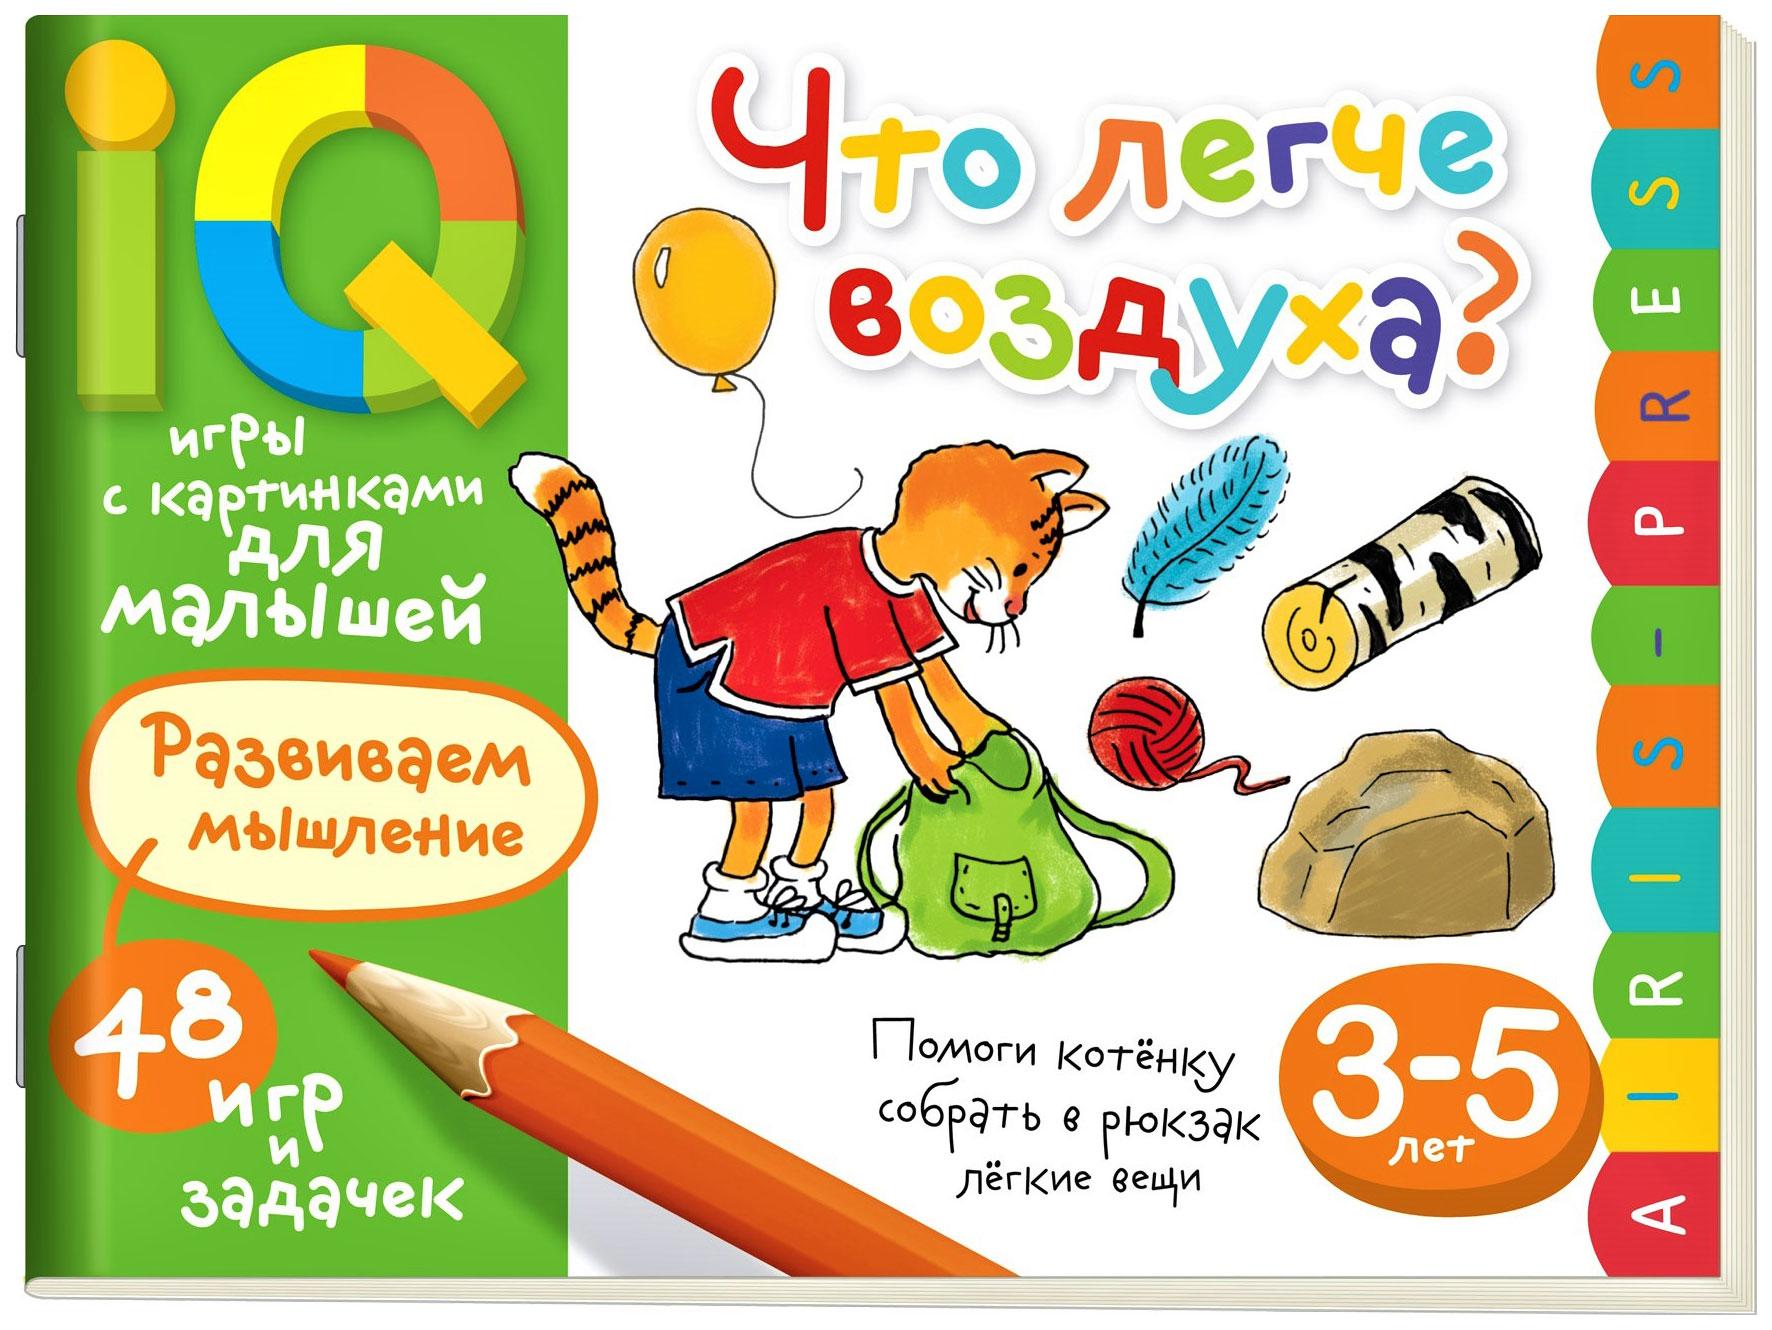 Книга Айрис-Пресс куликова Е. Умные Игры С картинками для Малышей Что легче Воздуха?